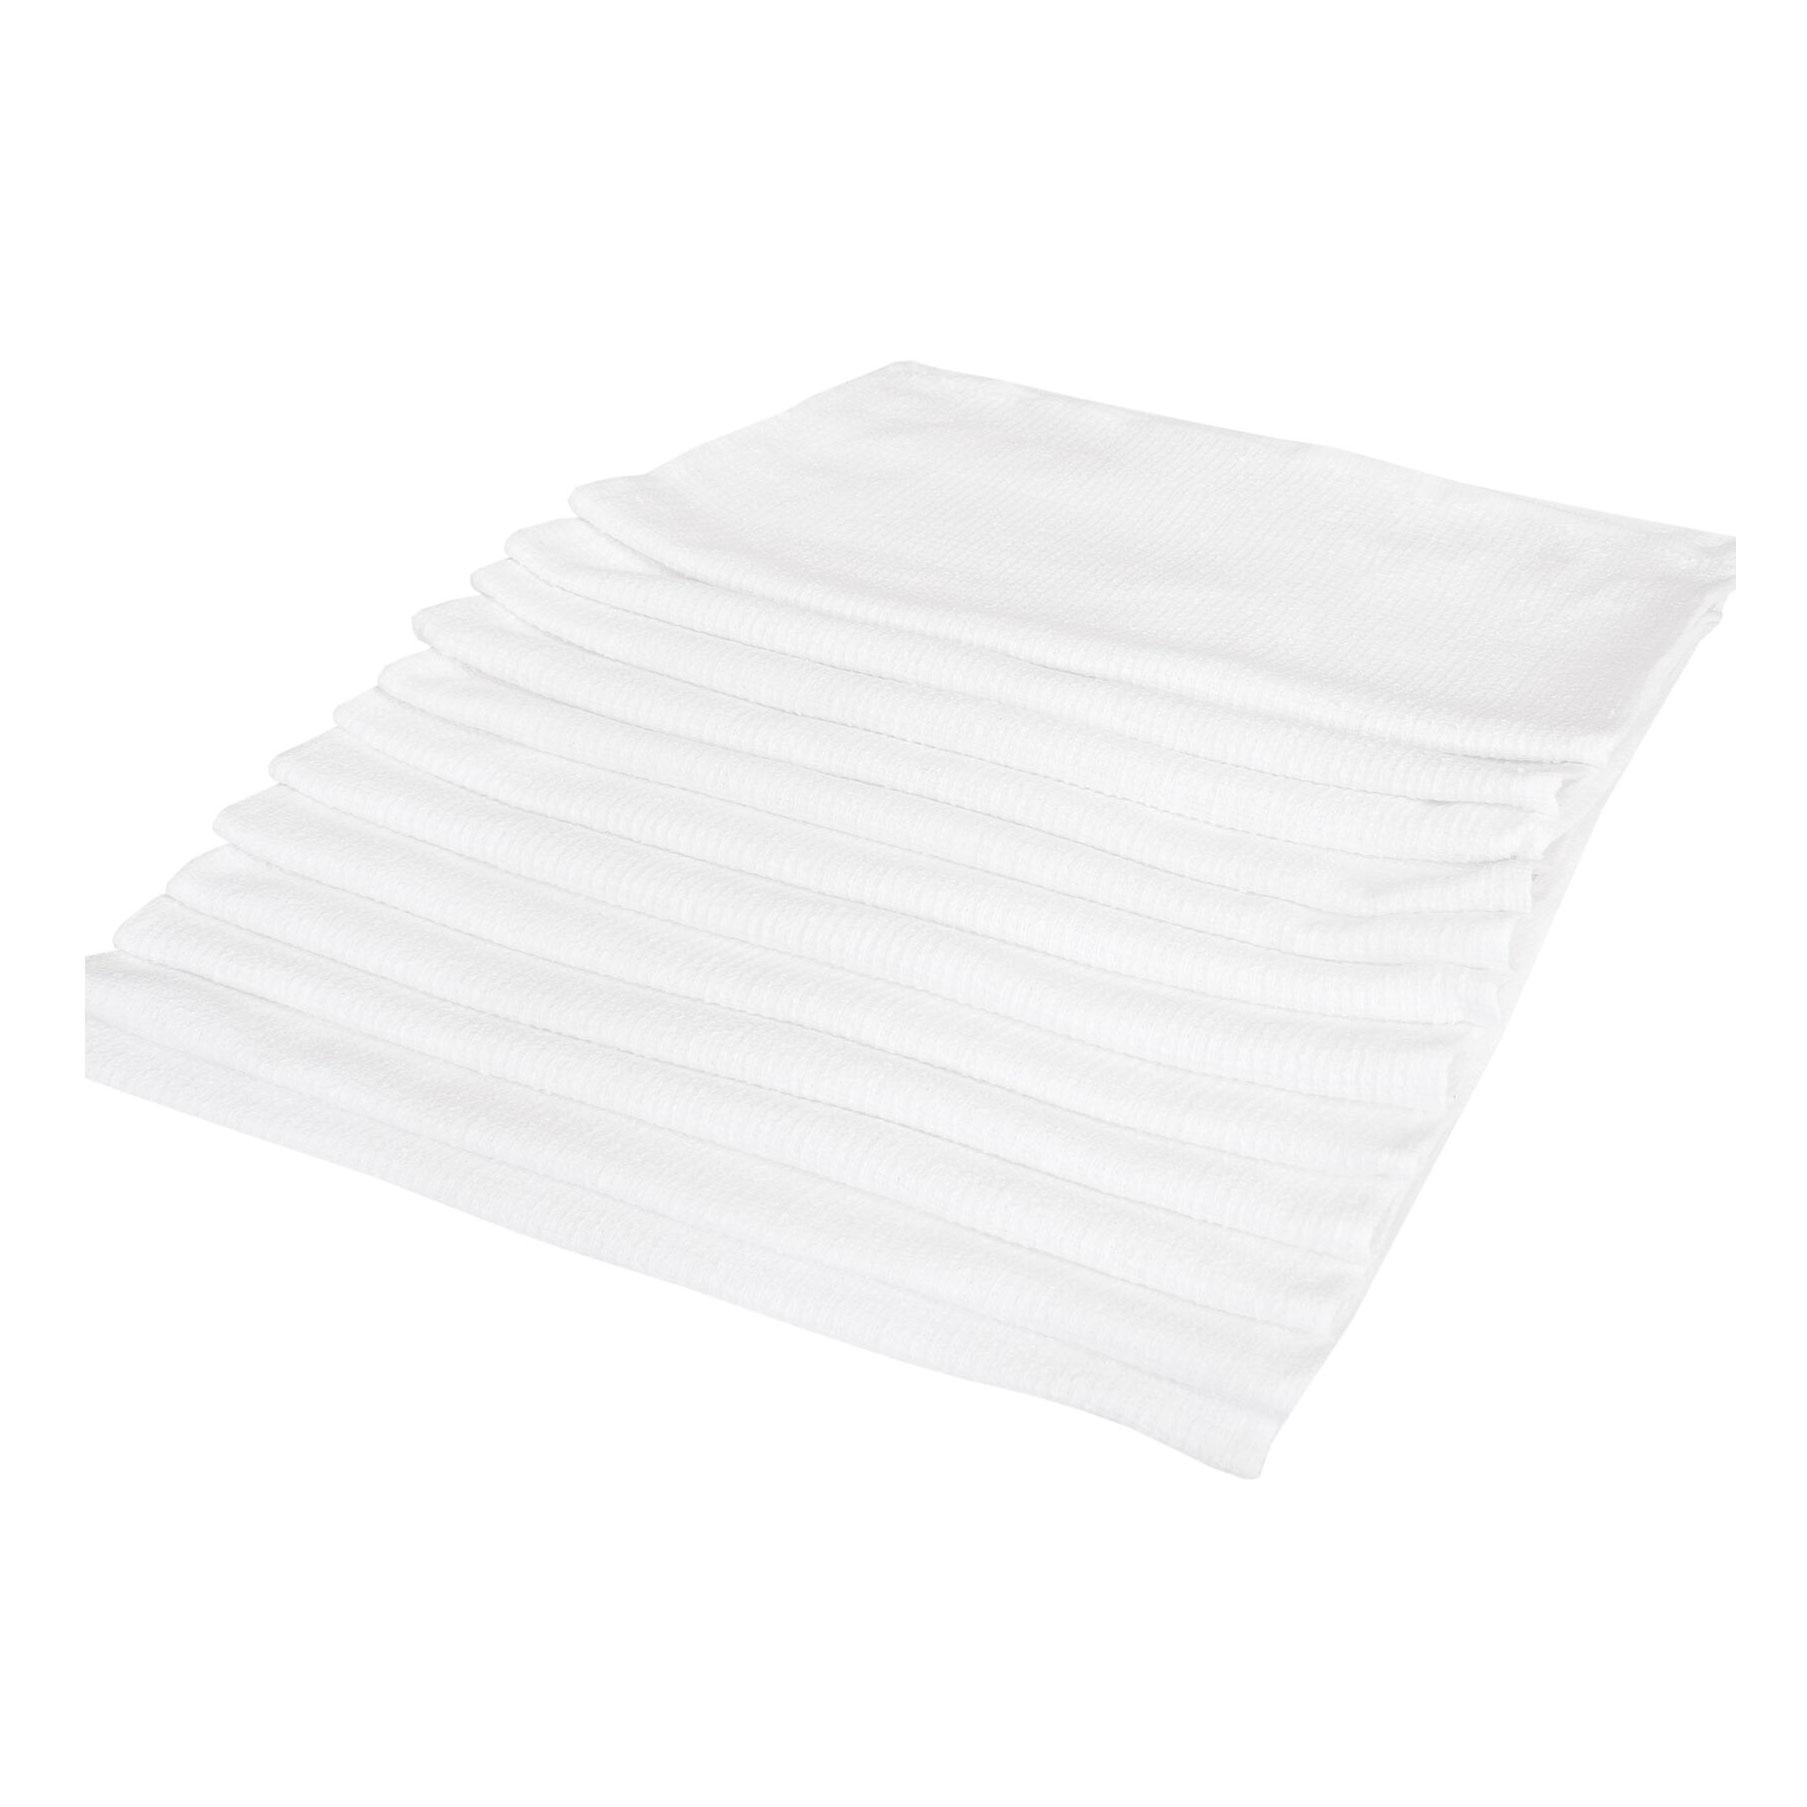 John Ritzenthaler Company CLBMR-1 towel, bar